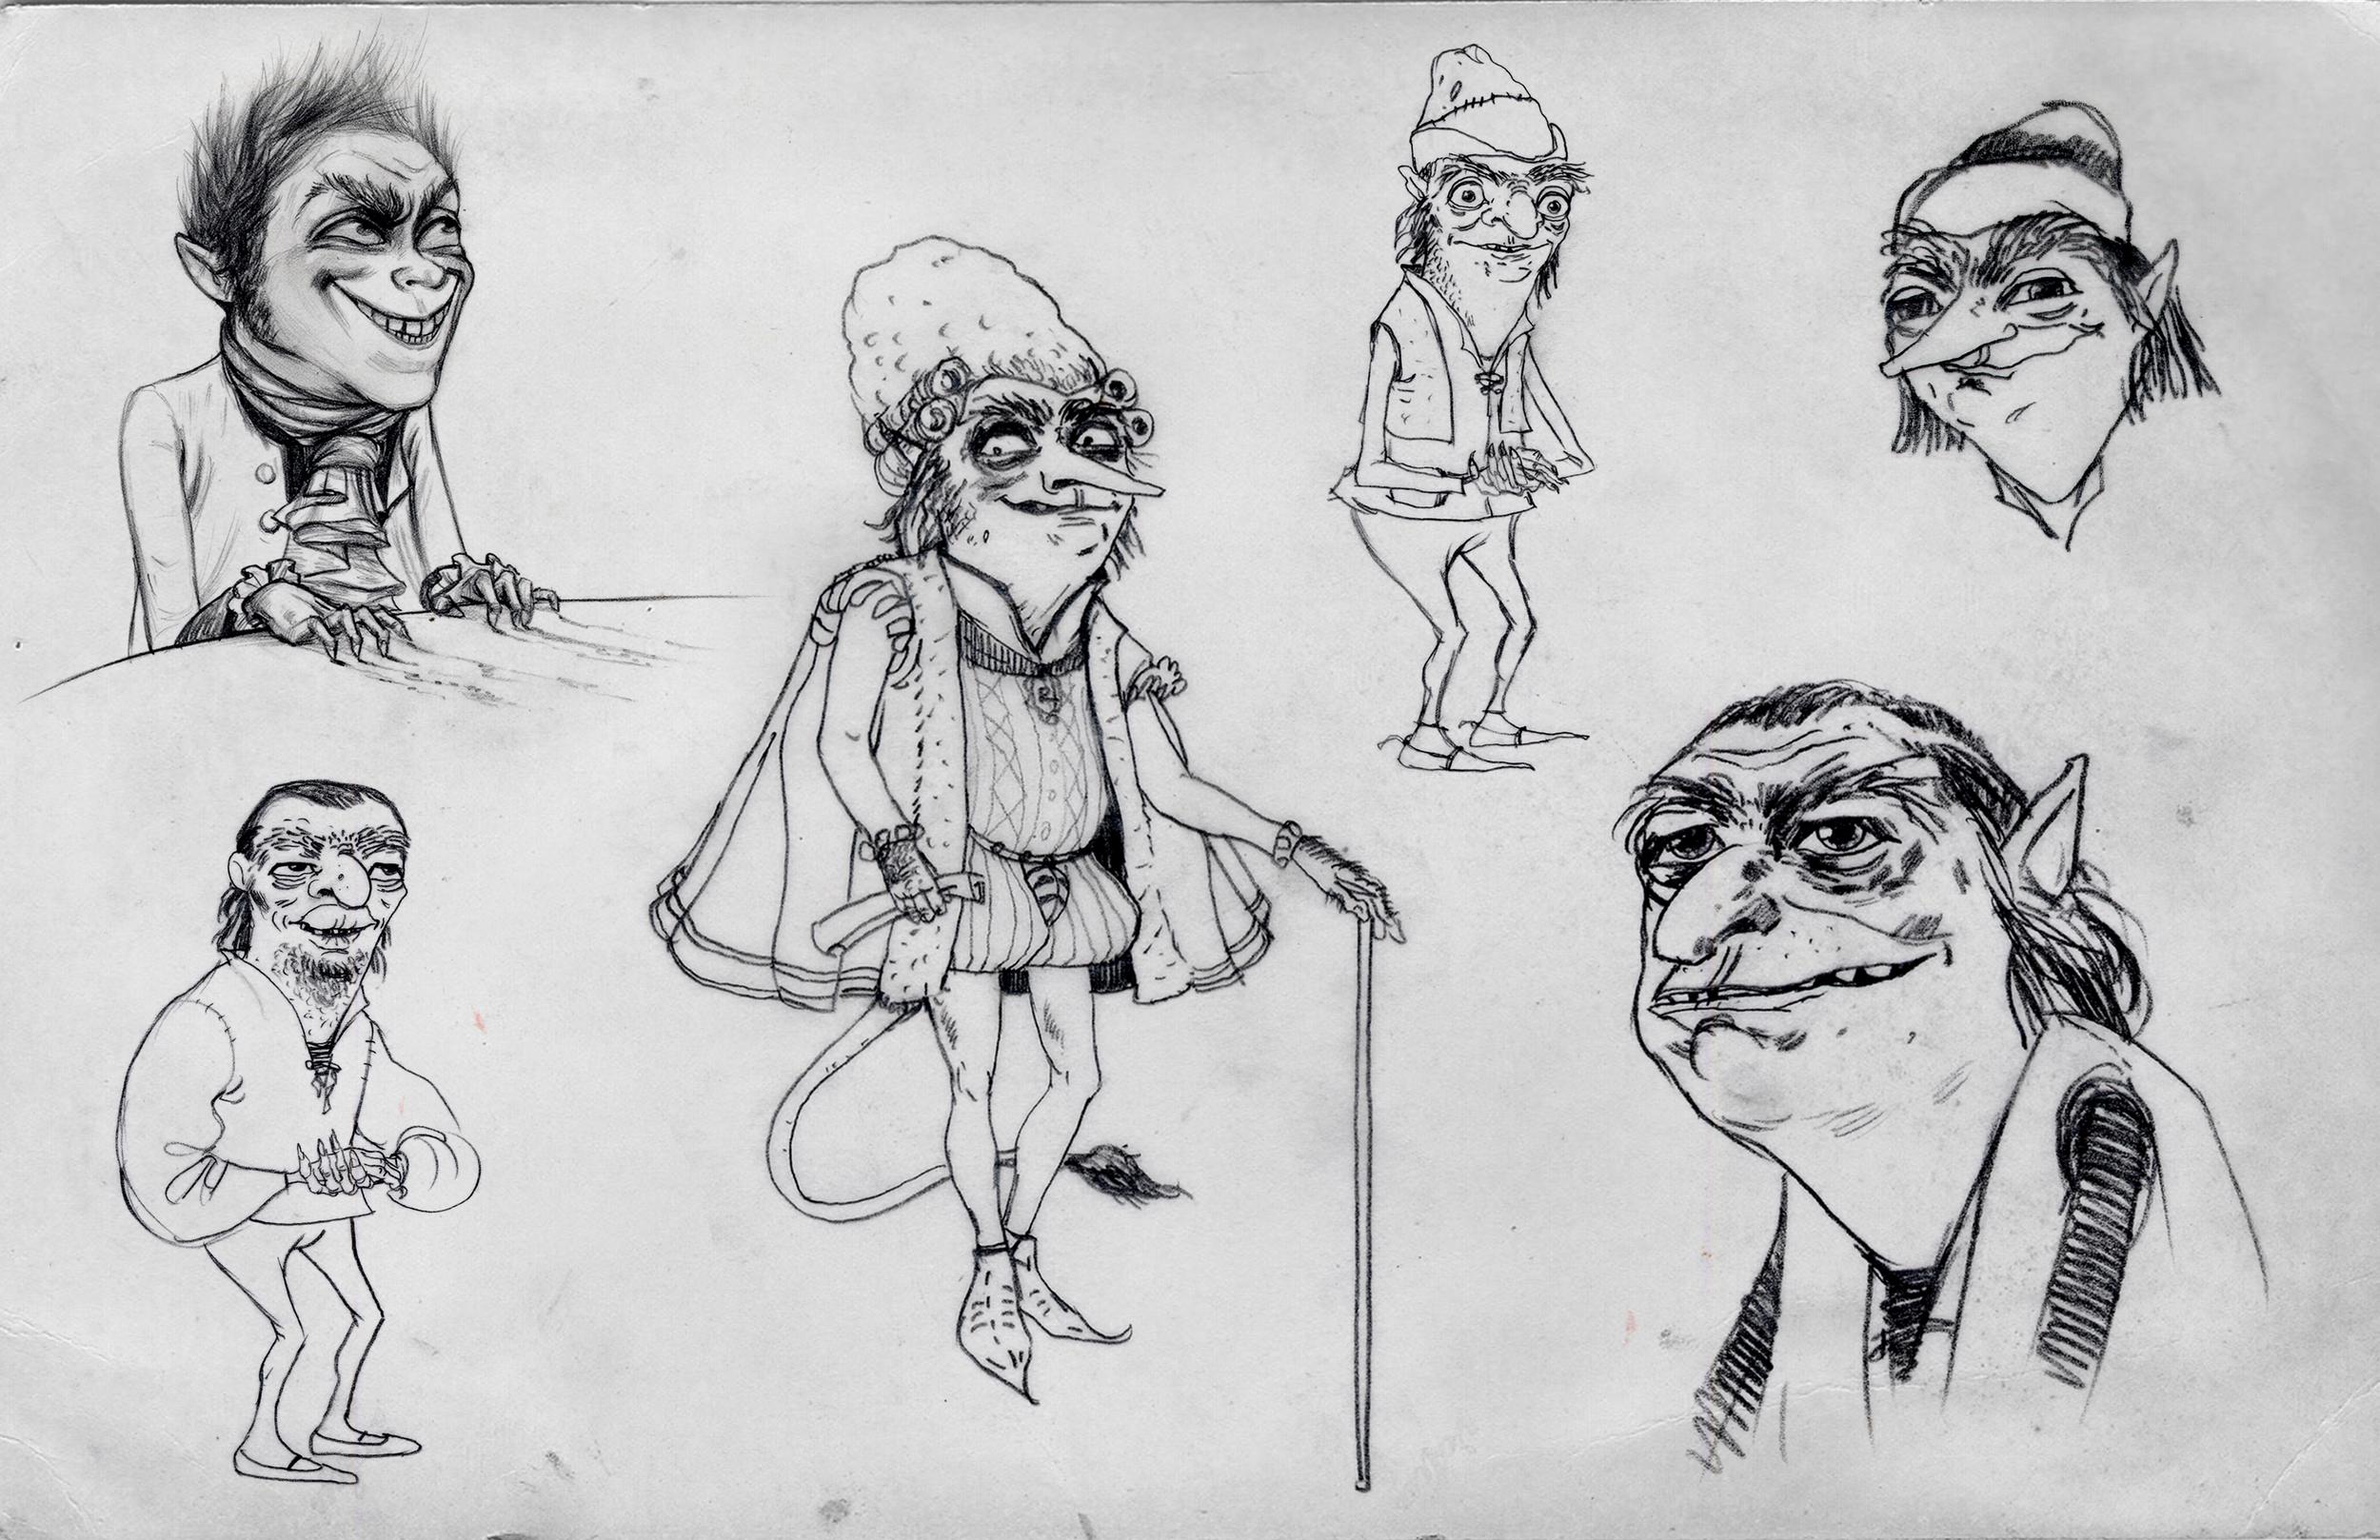 Shrek Forever After, DWA Rumpelstiltskin character design sketches